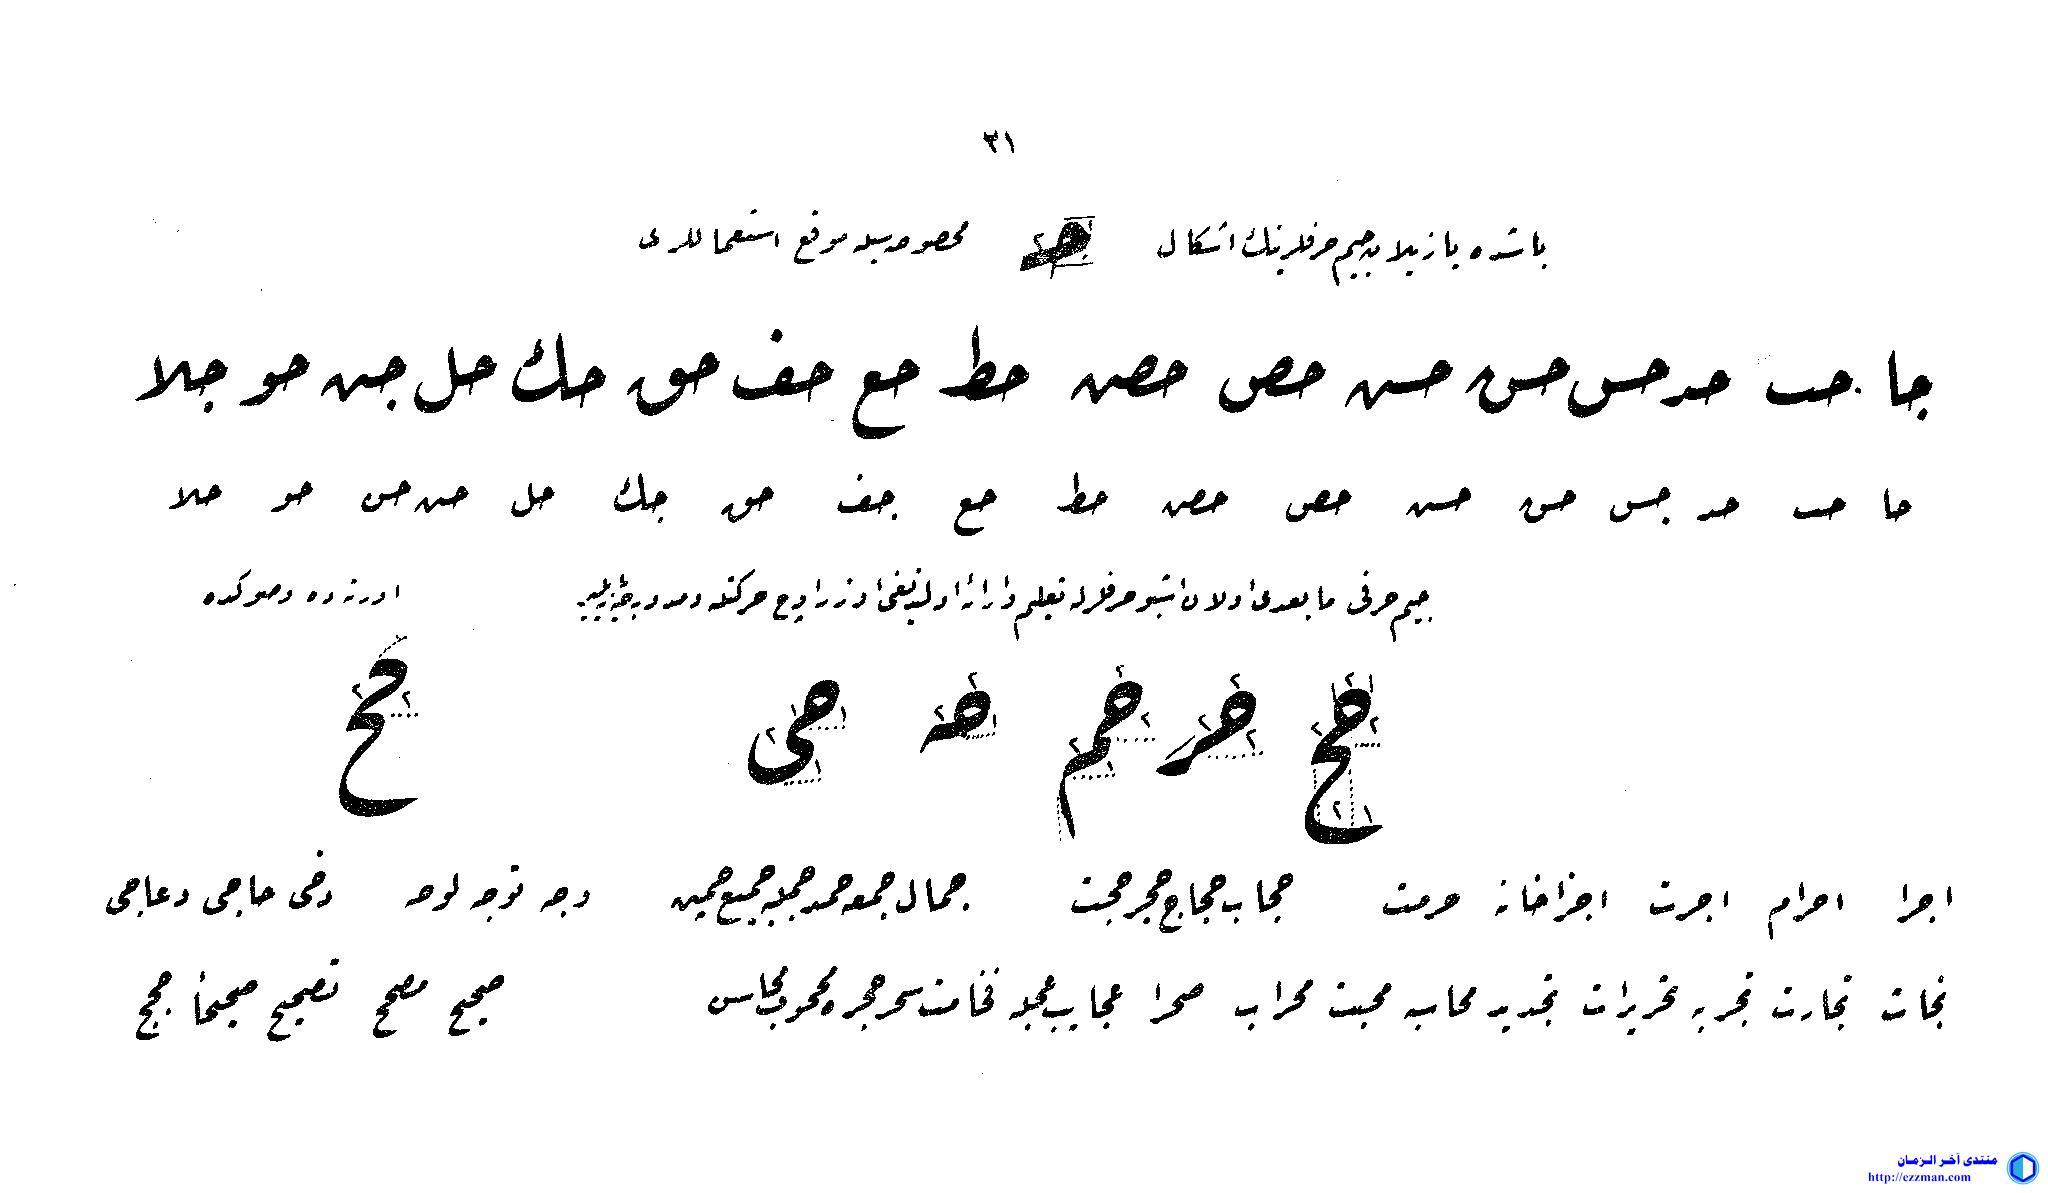 الرقعة كراسة محمد أفندي